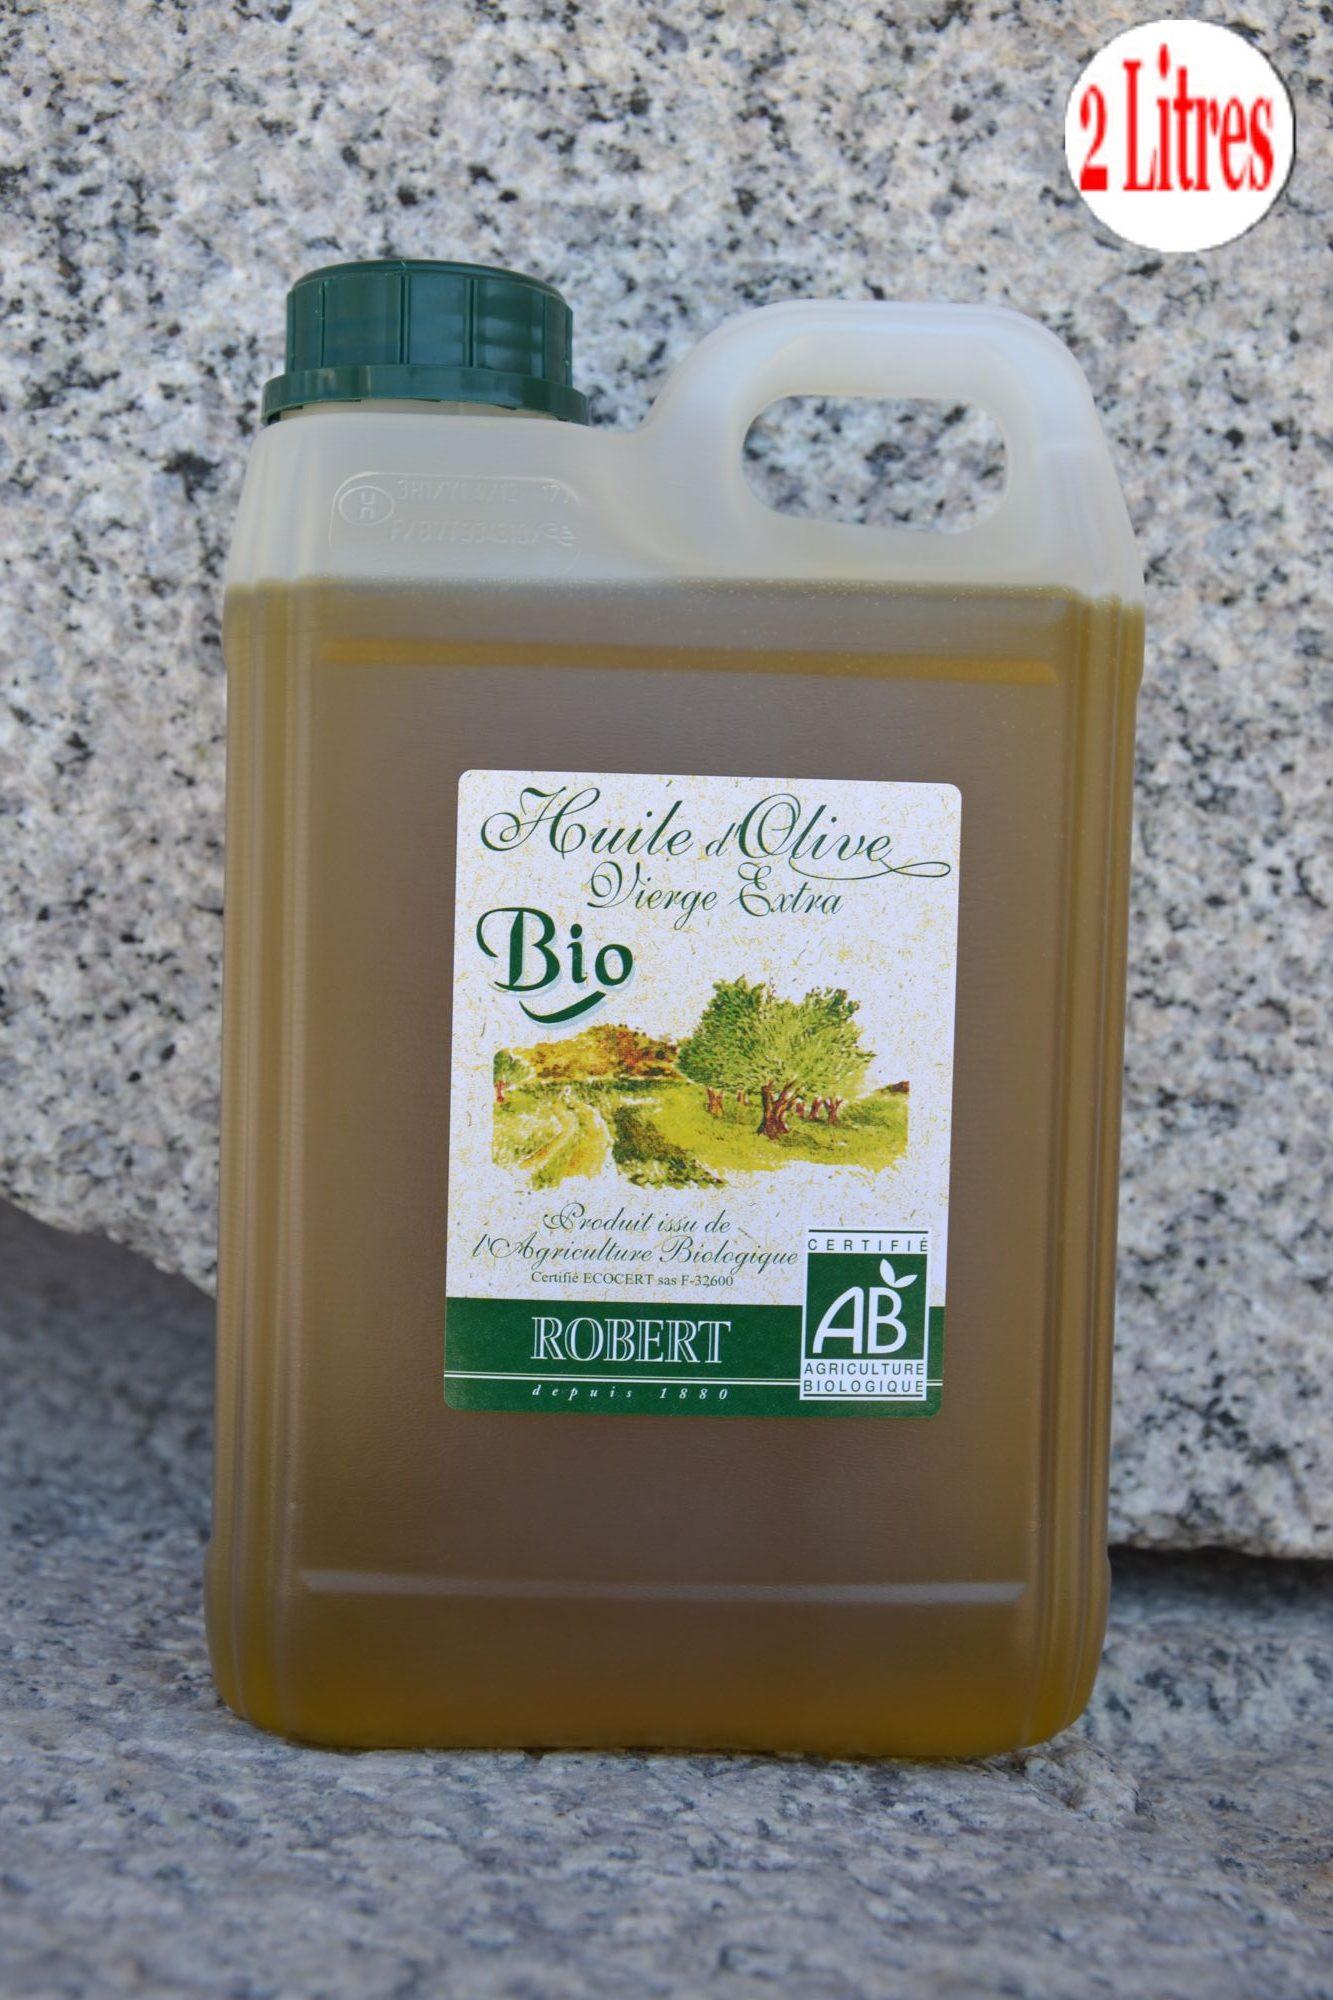 Huile d'olive biologique ROBERTHuile d'olive biologique ROBERT